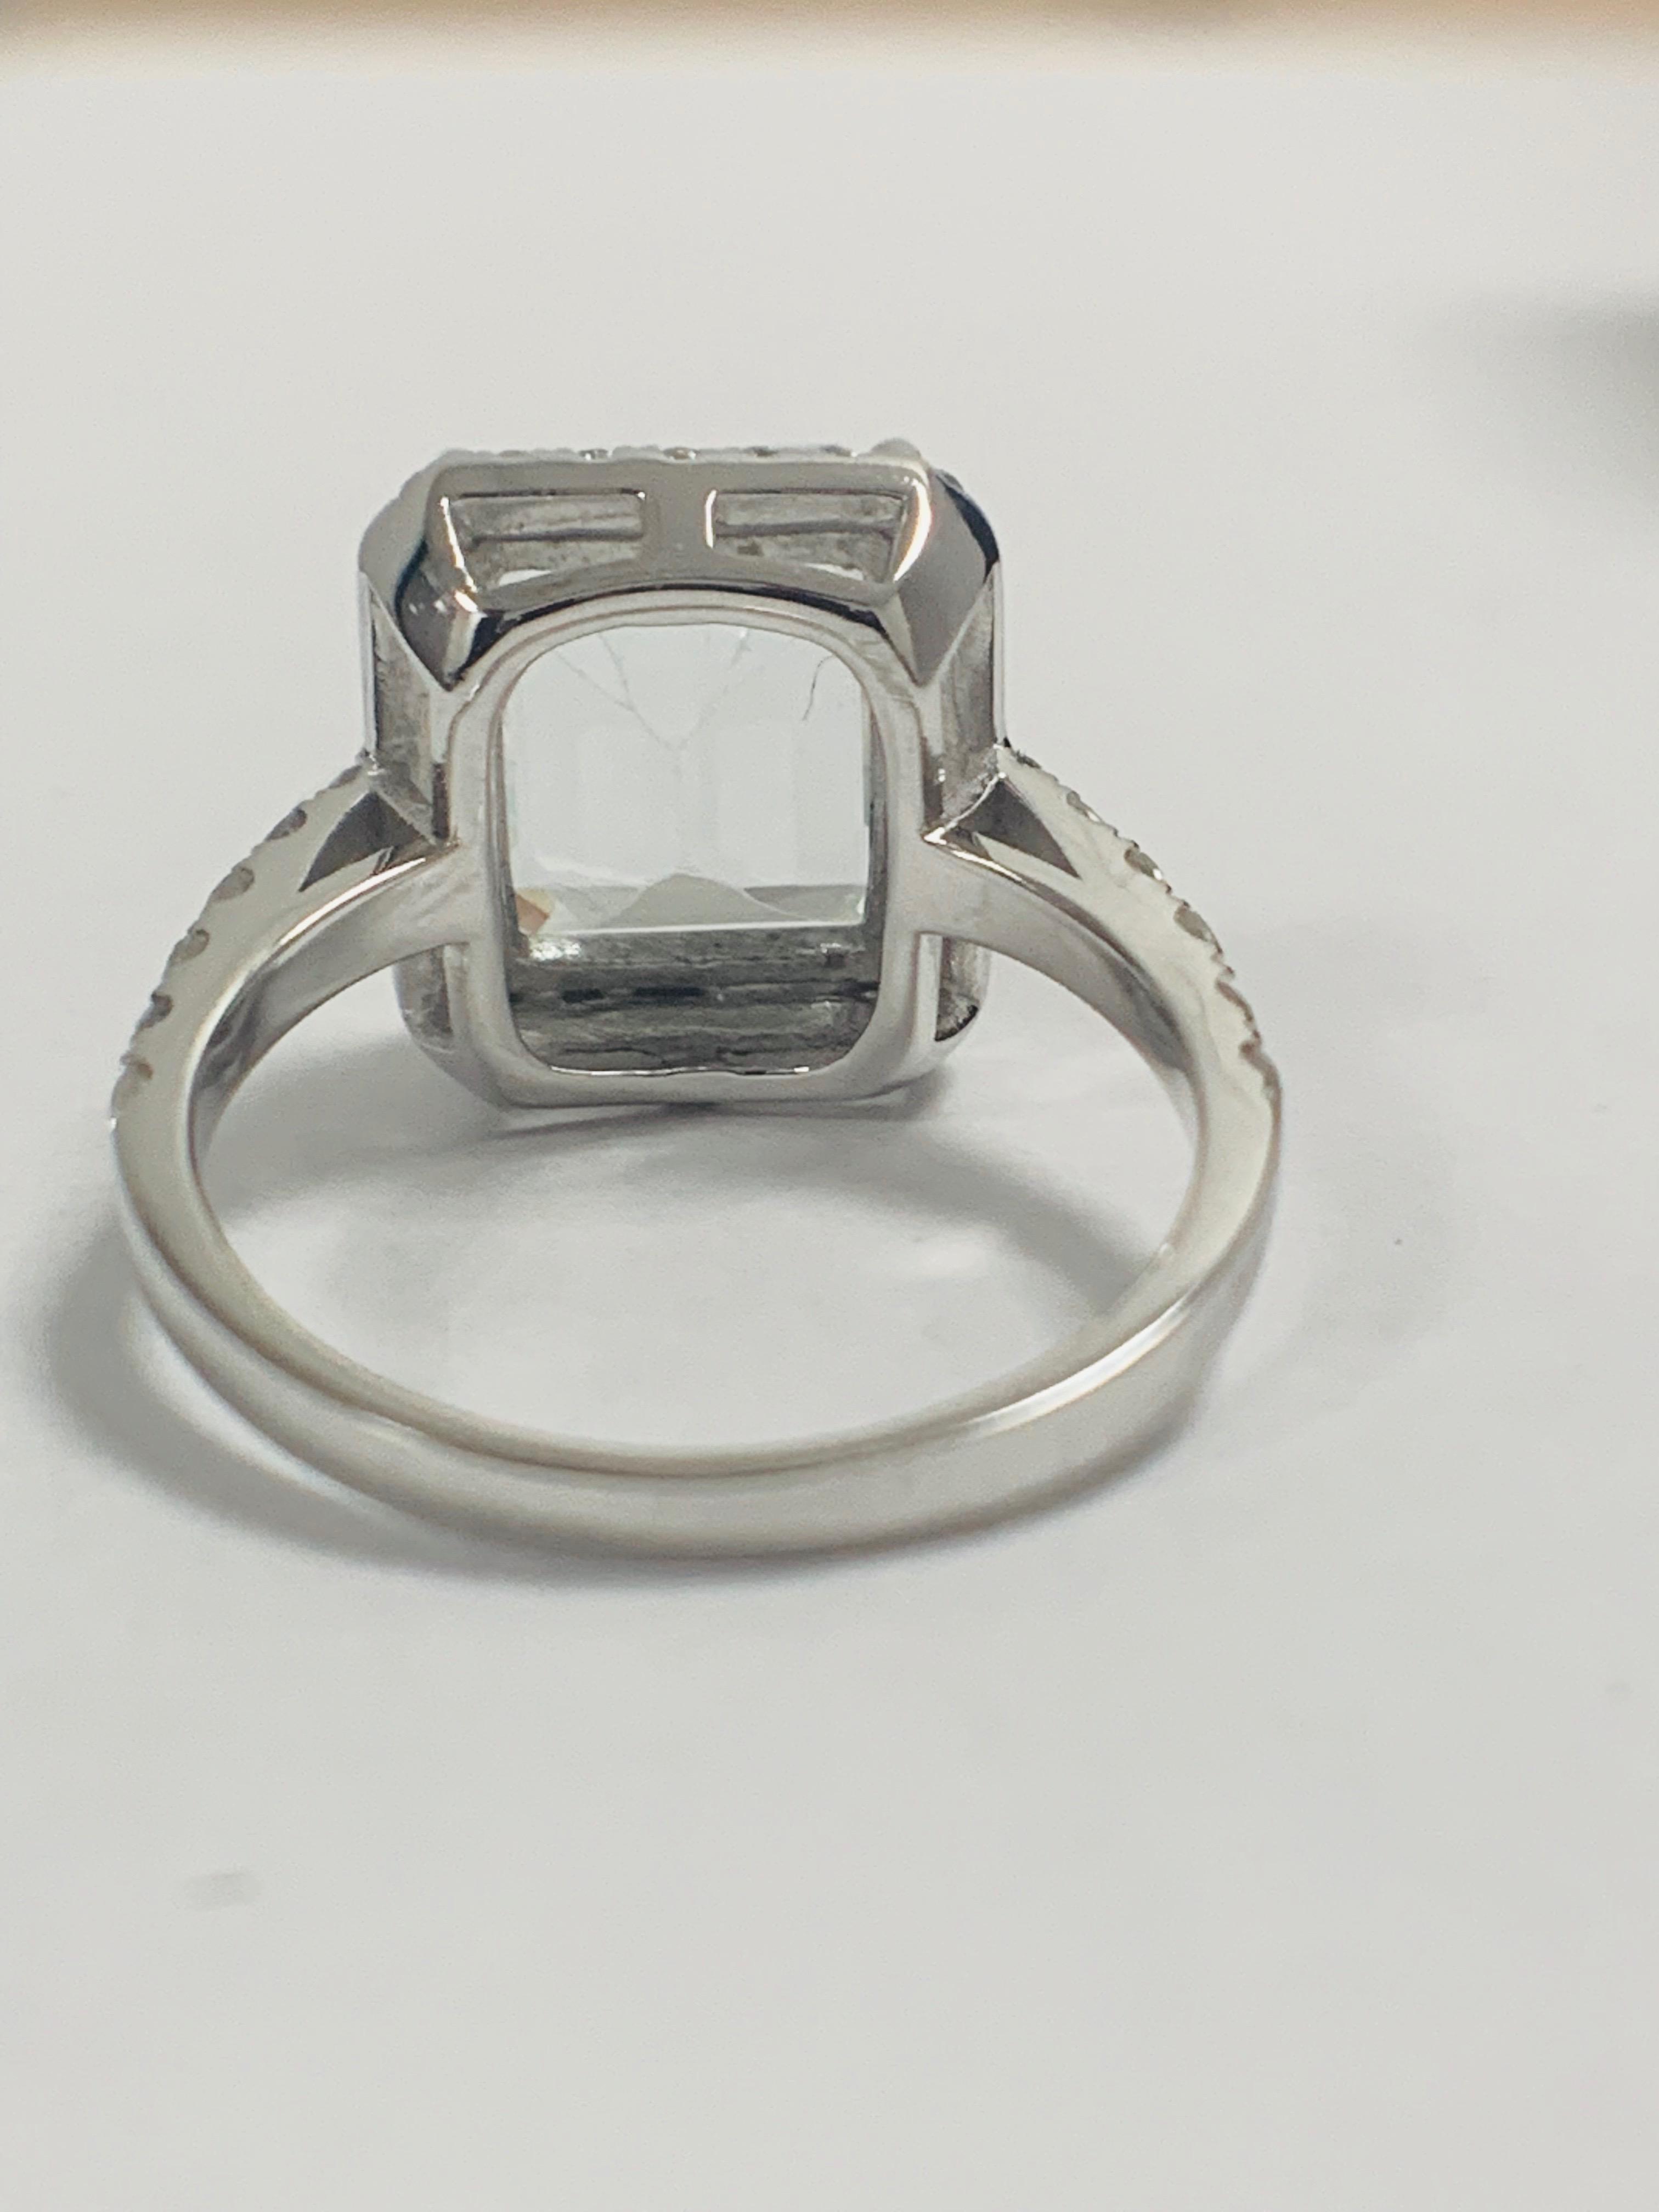 14ct White Gold Aquamarine and Diamond ring - Image 6 of 12